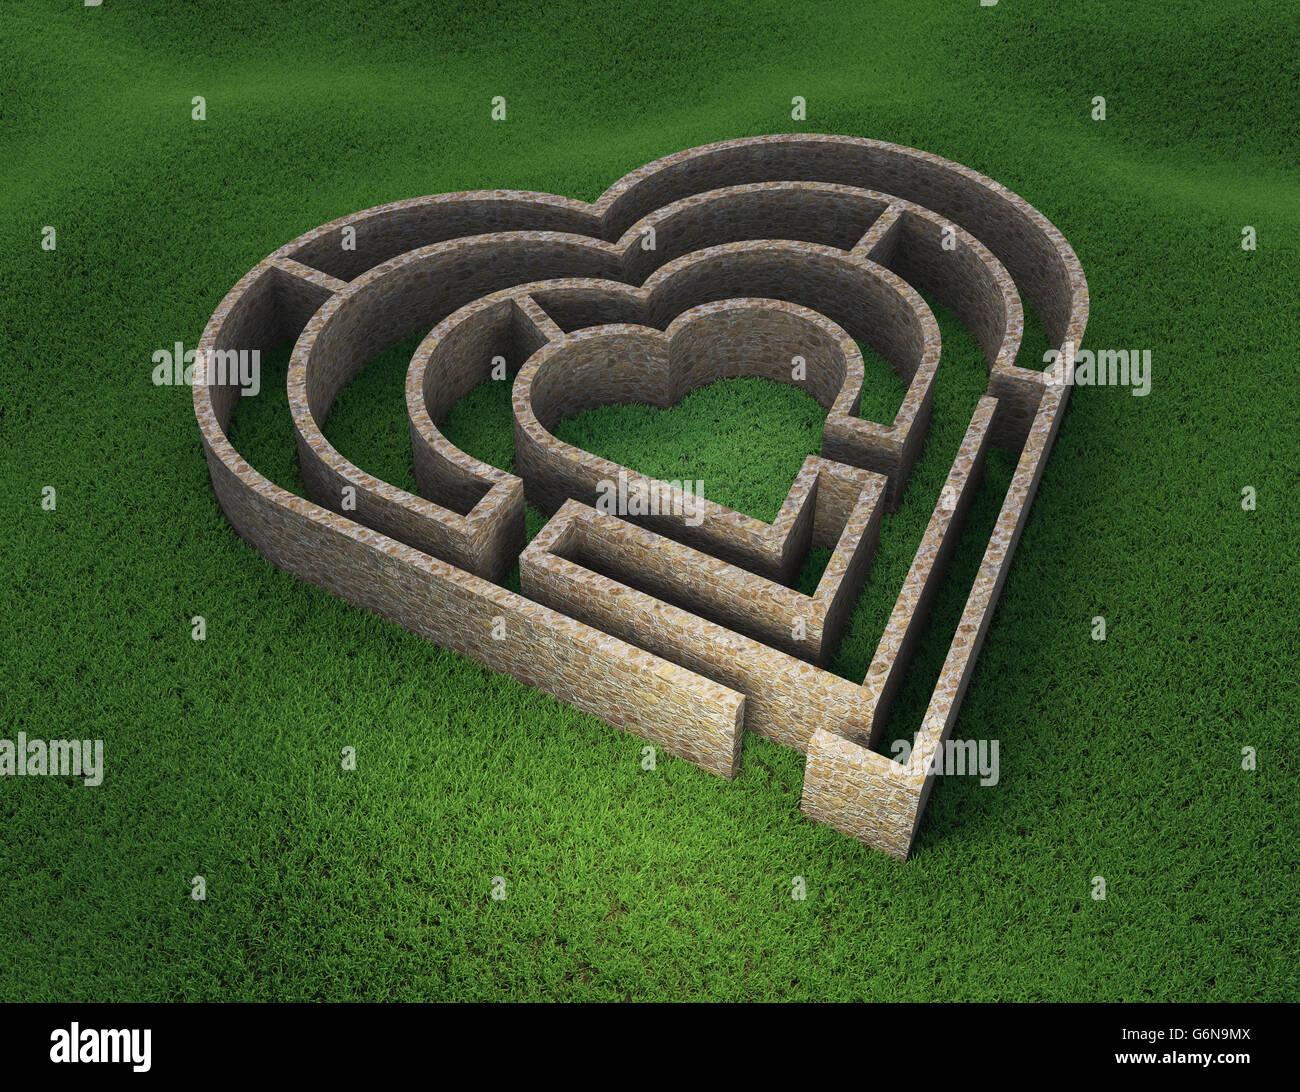 Herzförmige Labyrinth - Liebe und Beziehung Konzept 3D Illustration Stockfoto